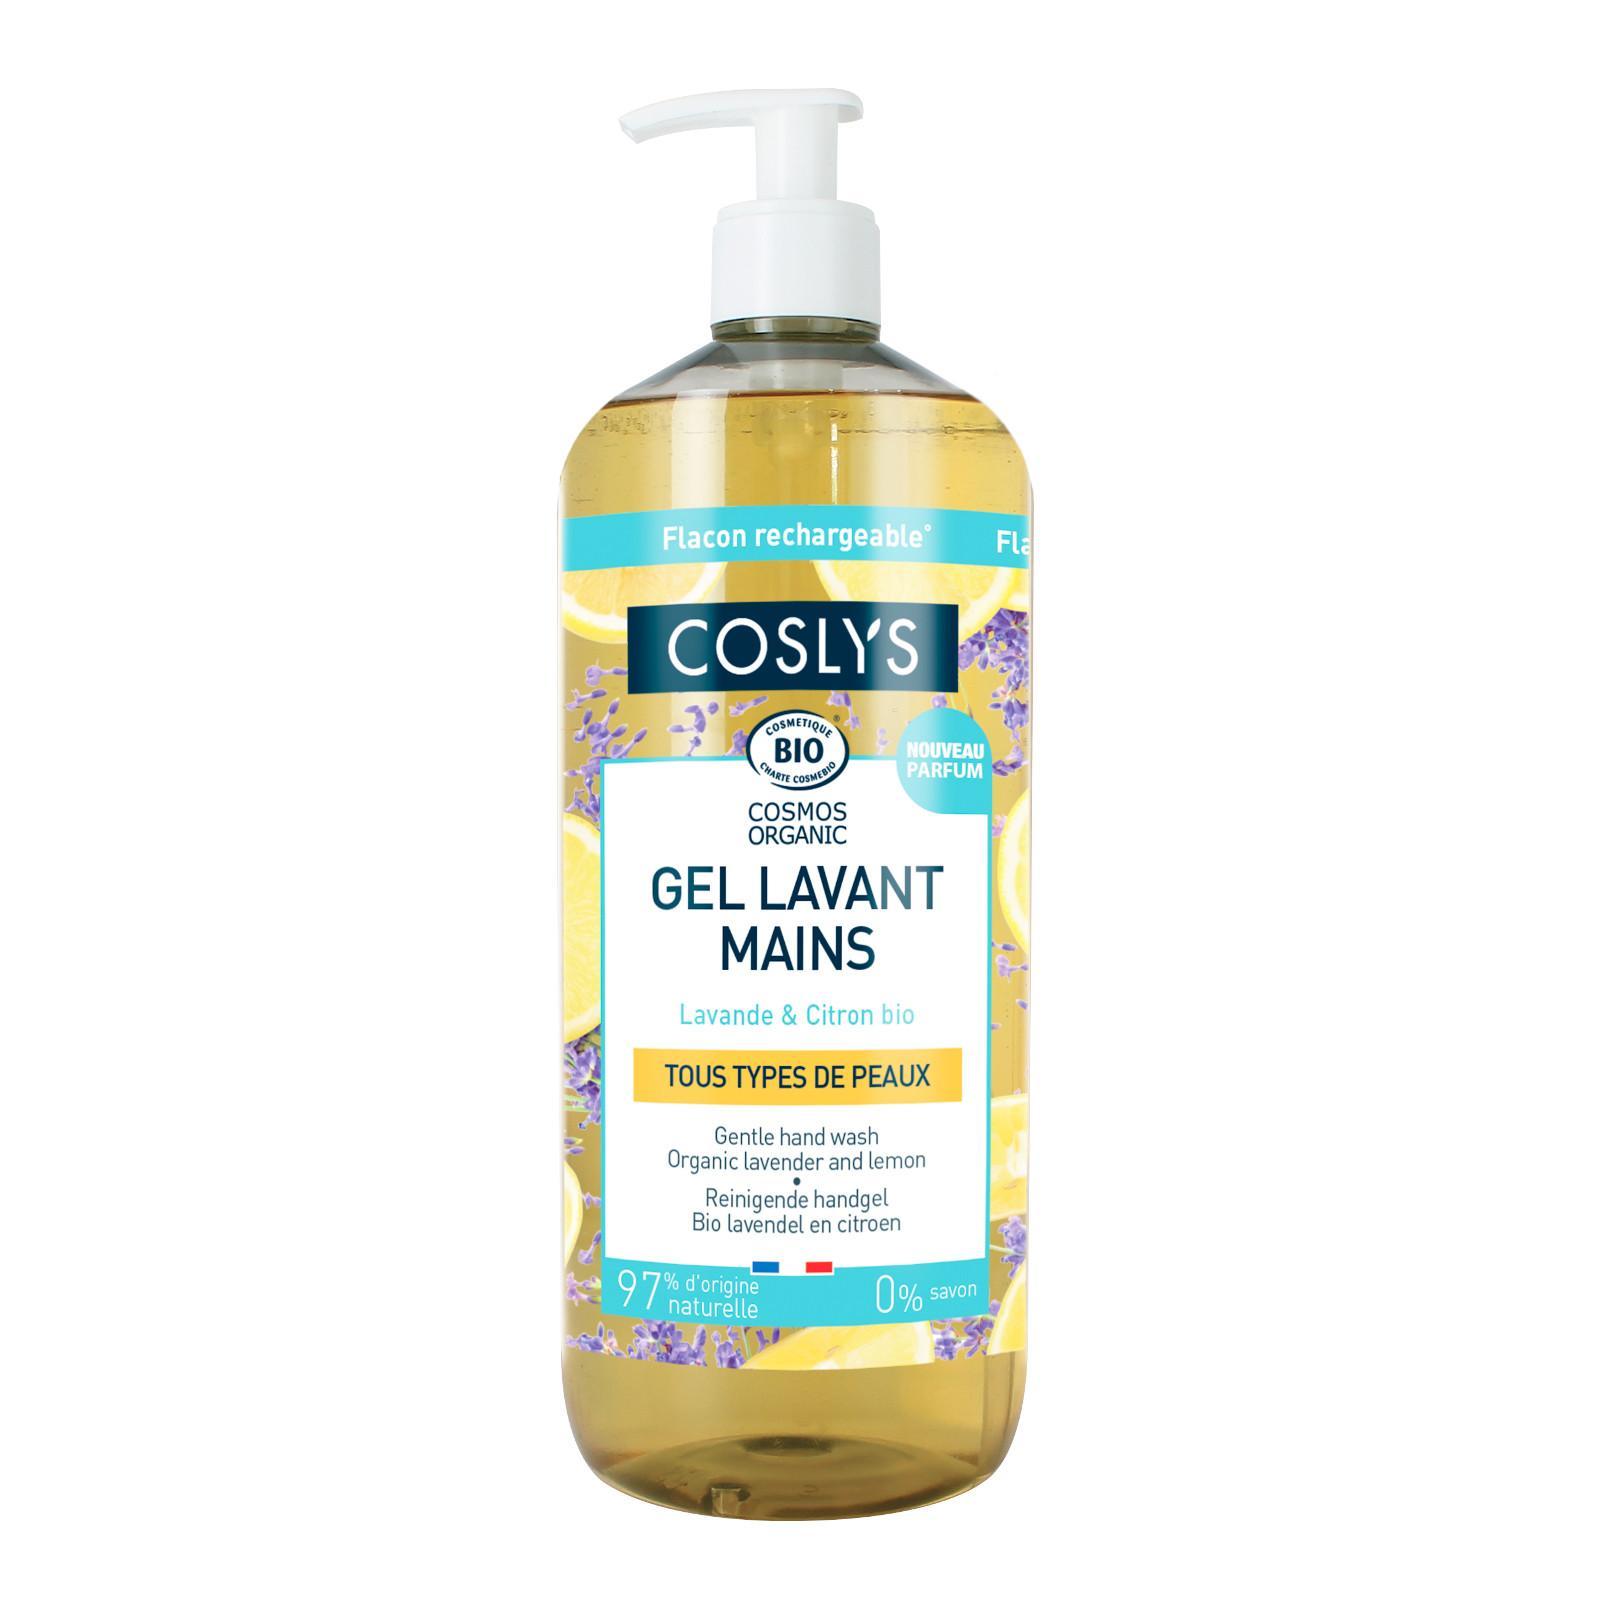 Coslys Jemný mycí krém na ruce citron a levandule 1 l